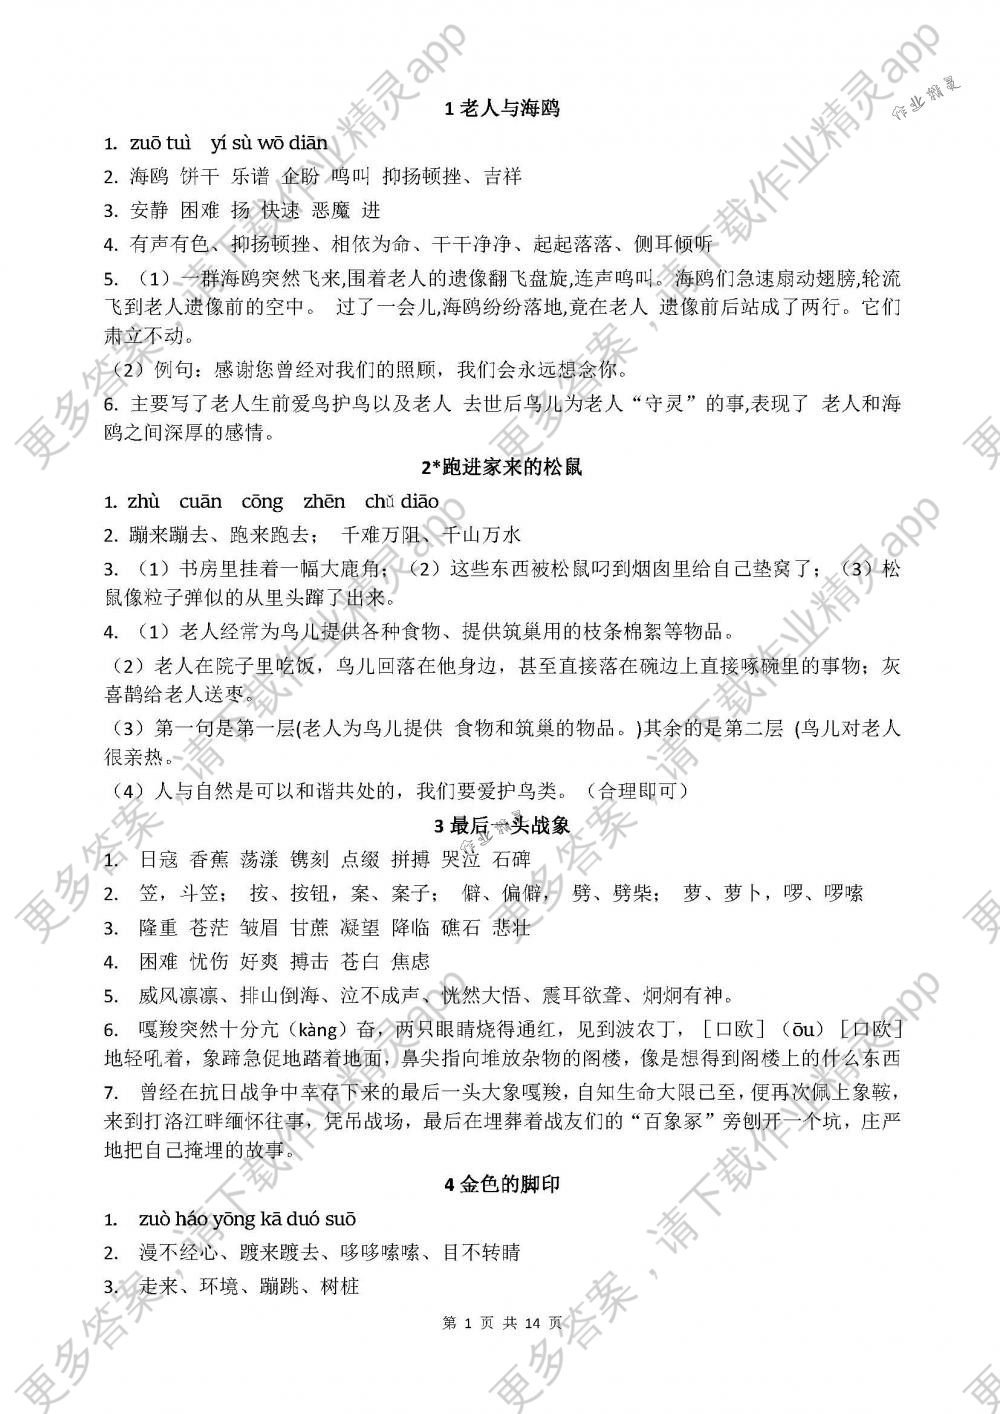 2018年配套练习册山东教育出版社五年级语文下册鲁教版 第1页